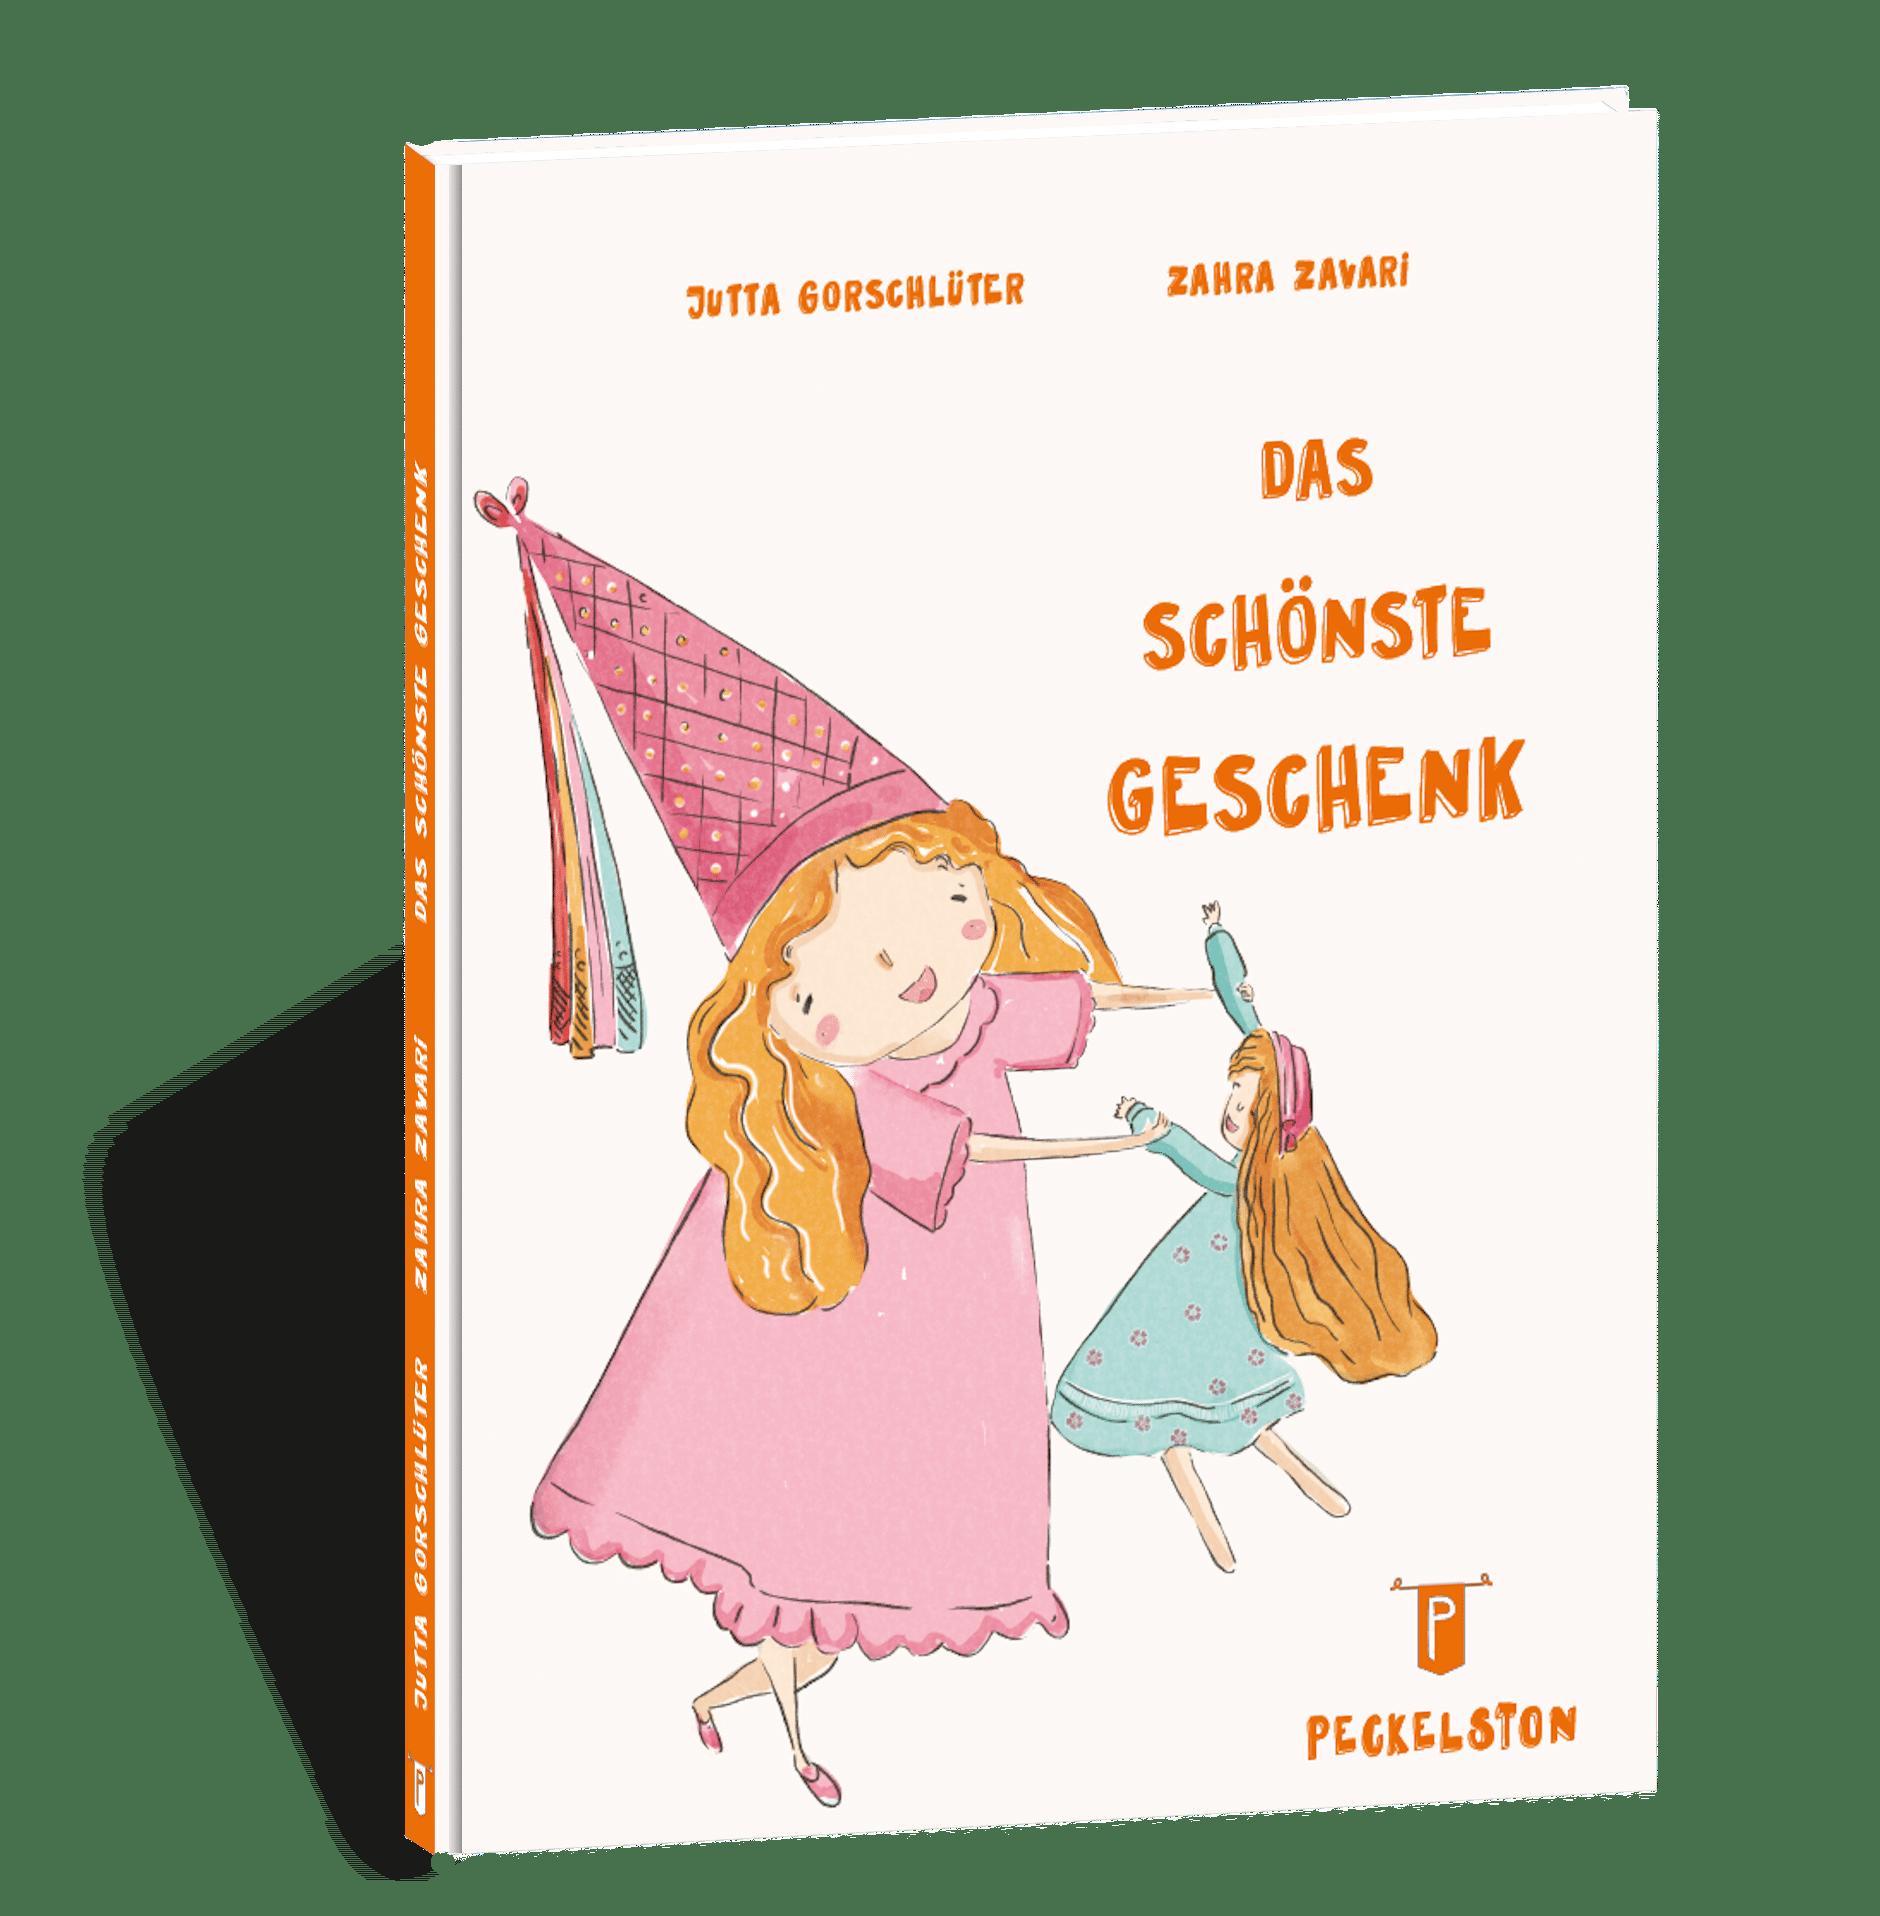 jutta gorschlüter zahra zavari das schönste geschenk peckelston kinderbuchverlag